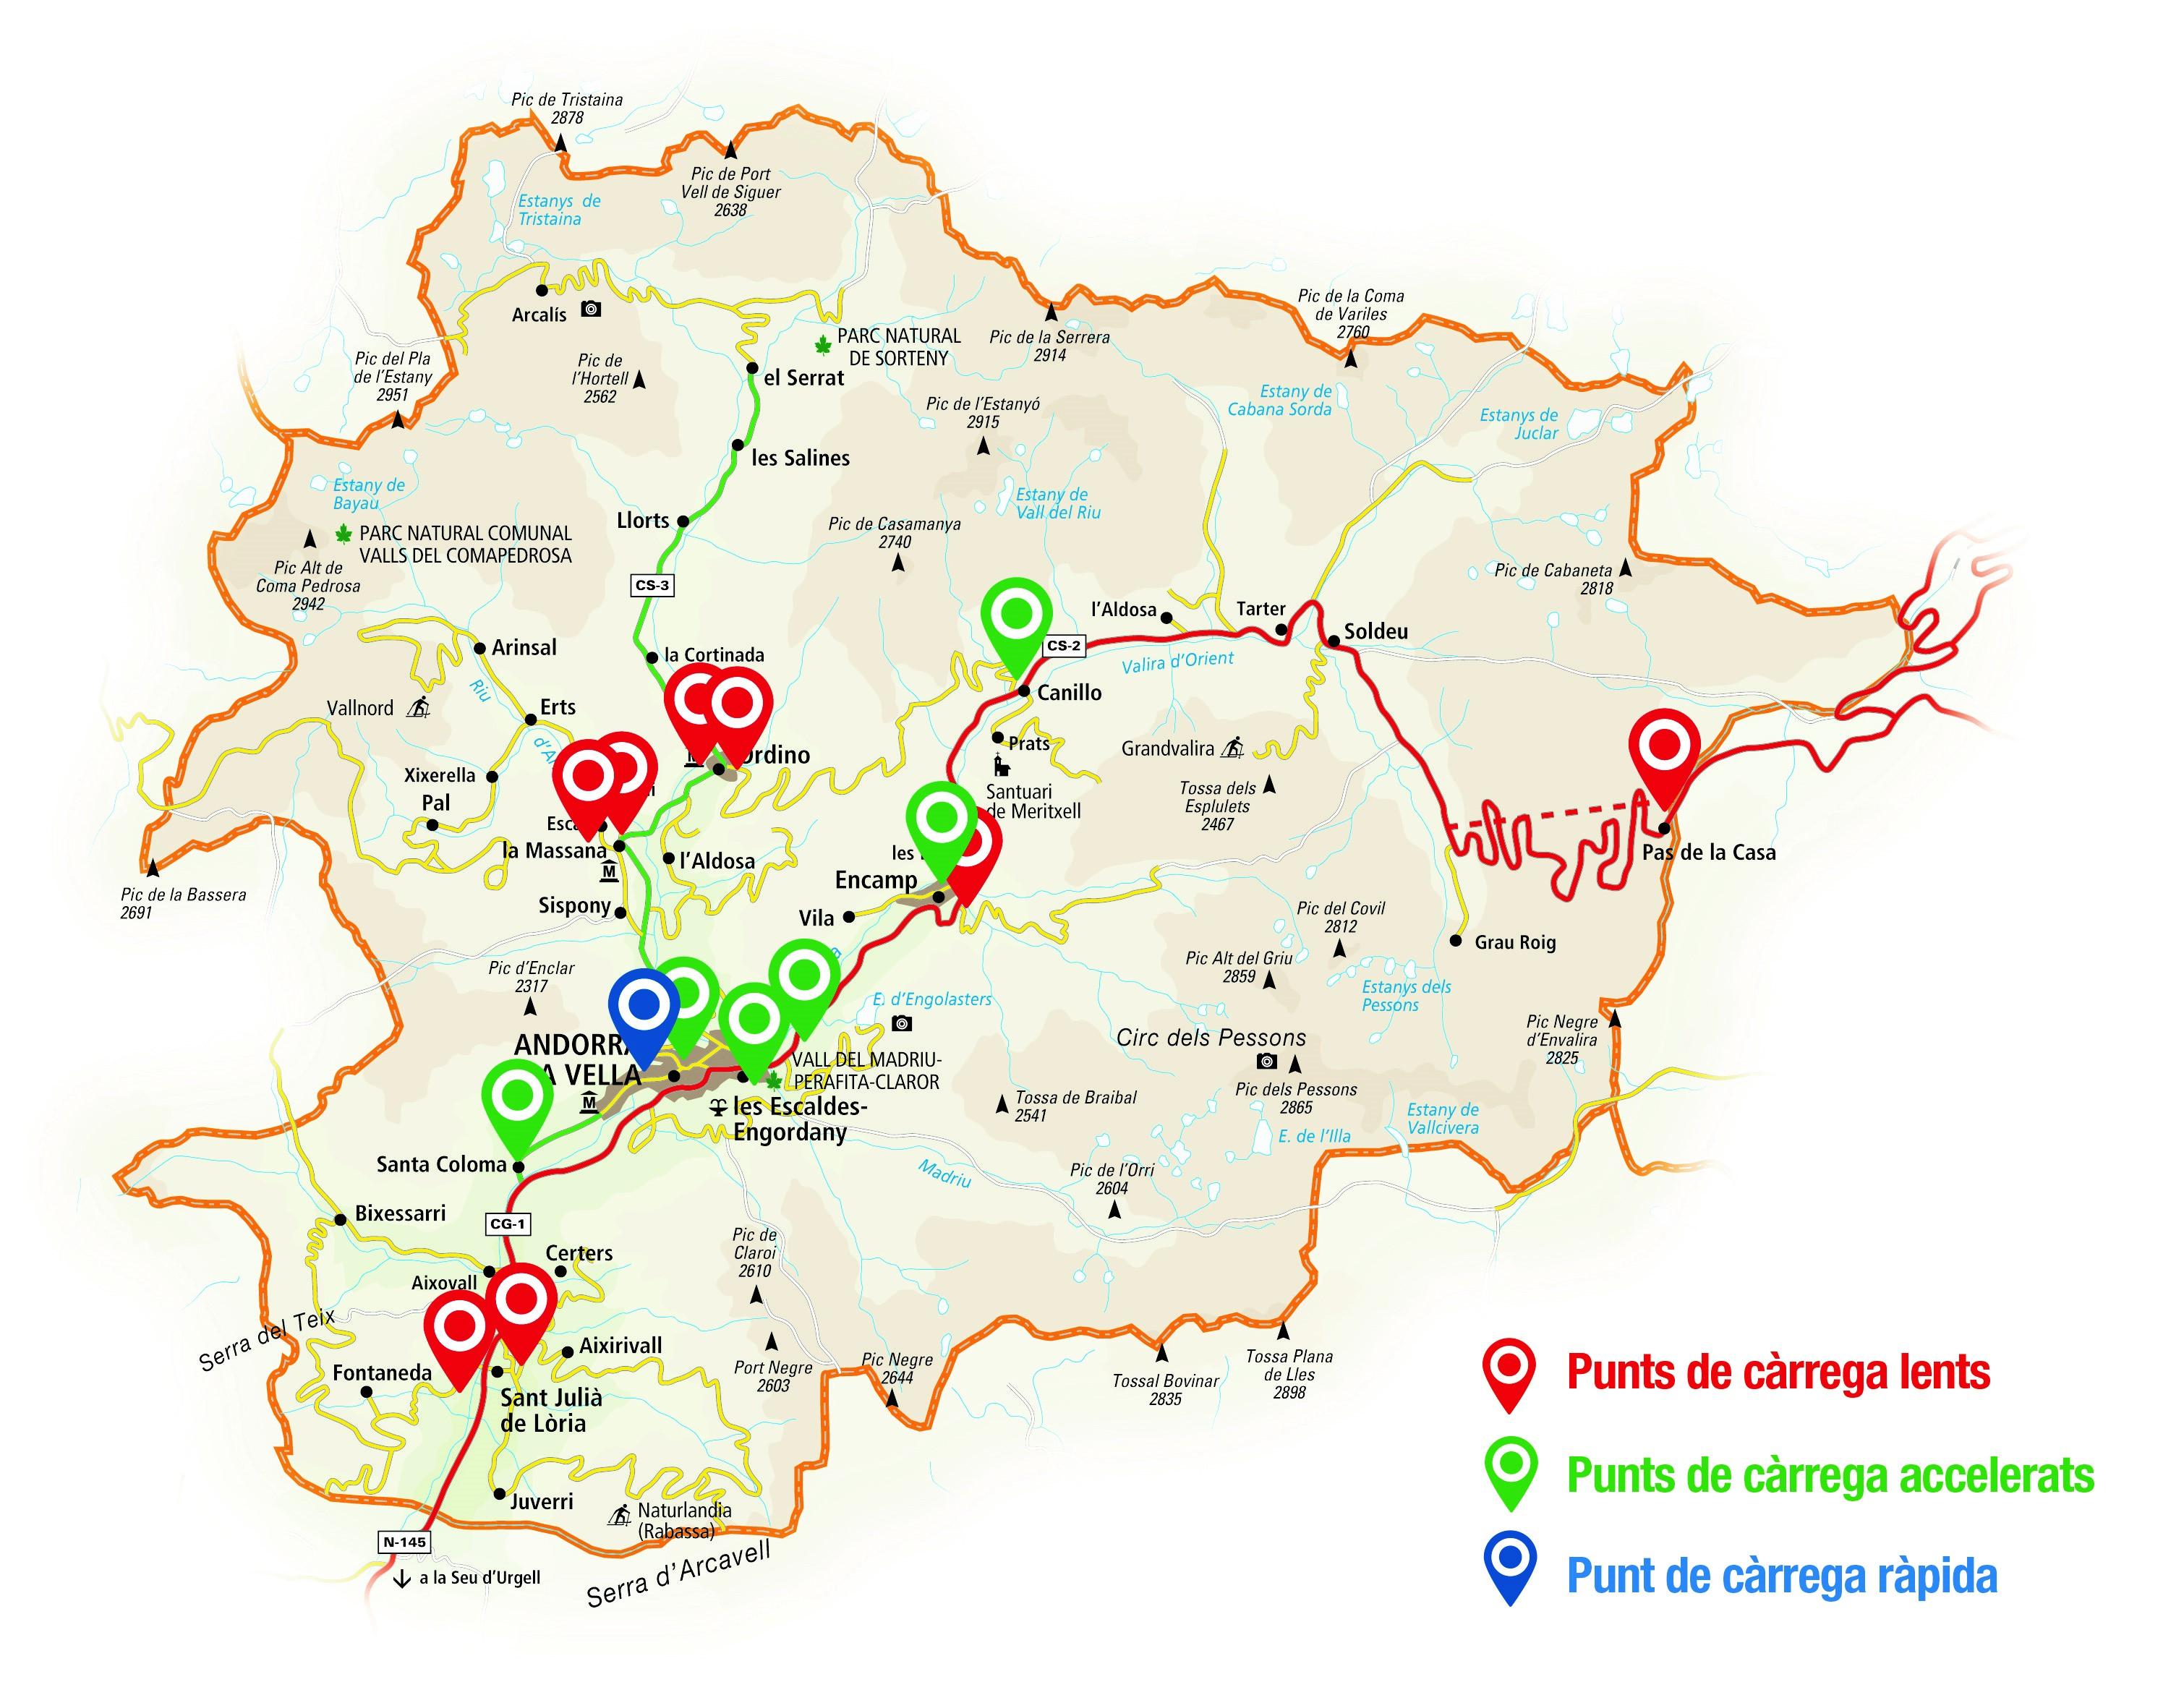 Punts de càrrega vehicle elèctric Andorra